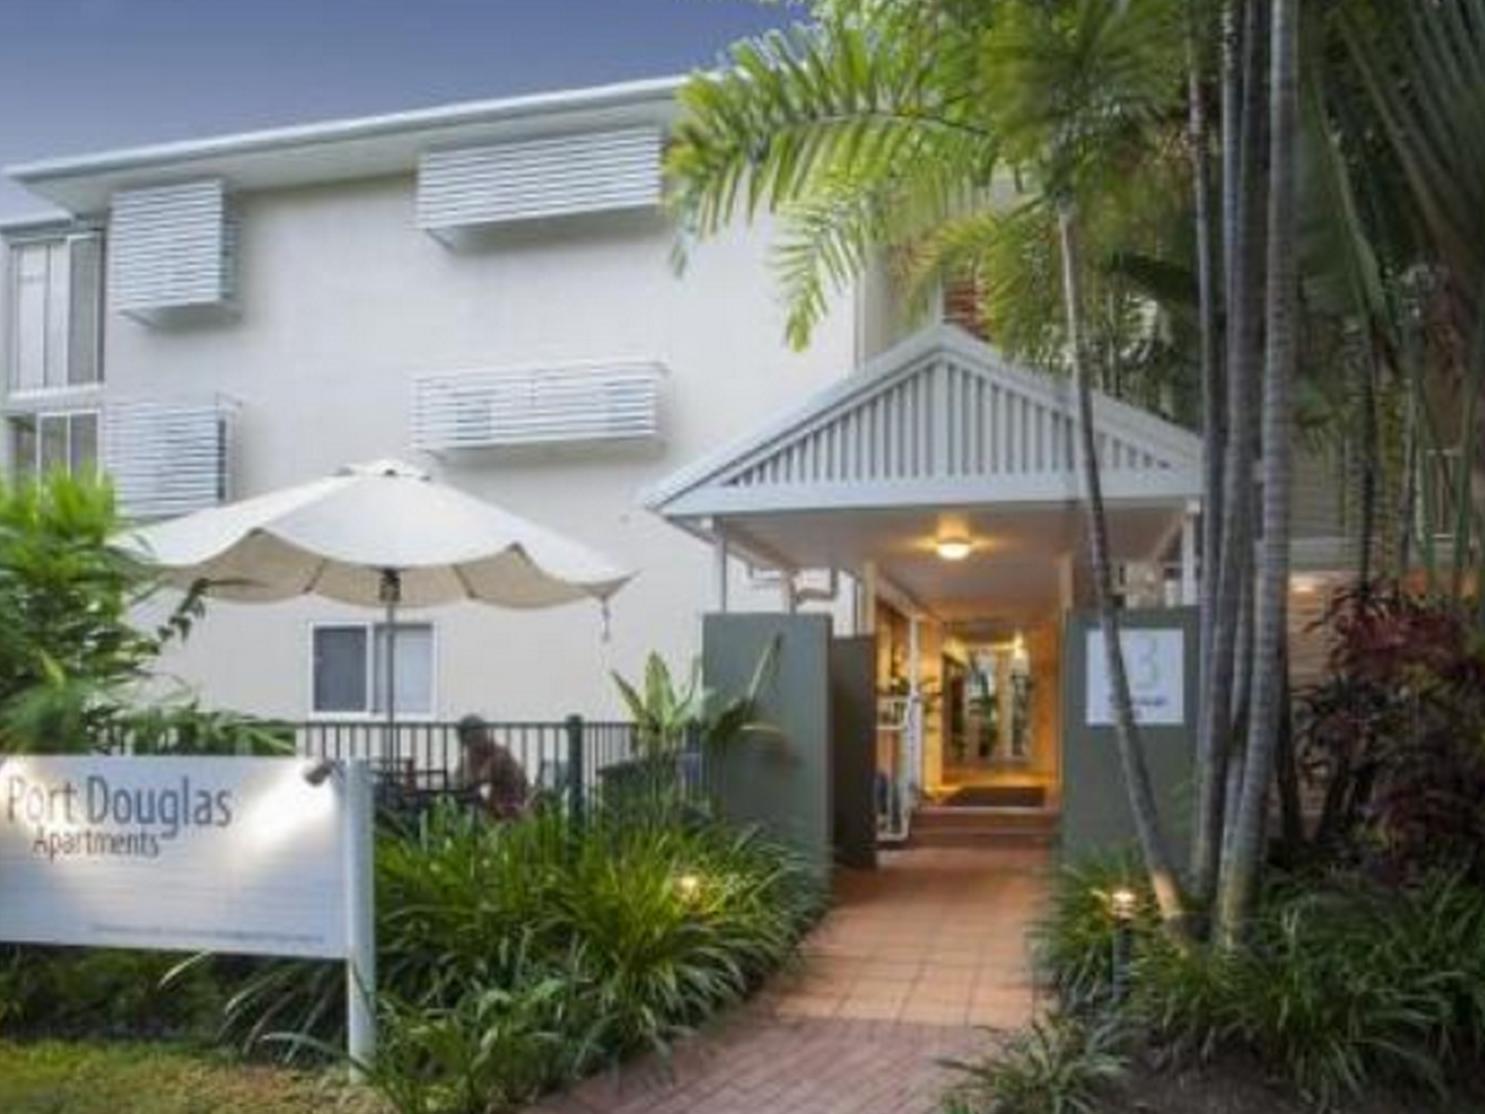 Port Douglas Apartments - Hotell och Boende i Australien , Port Douglas